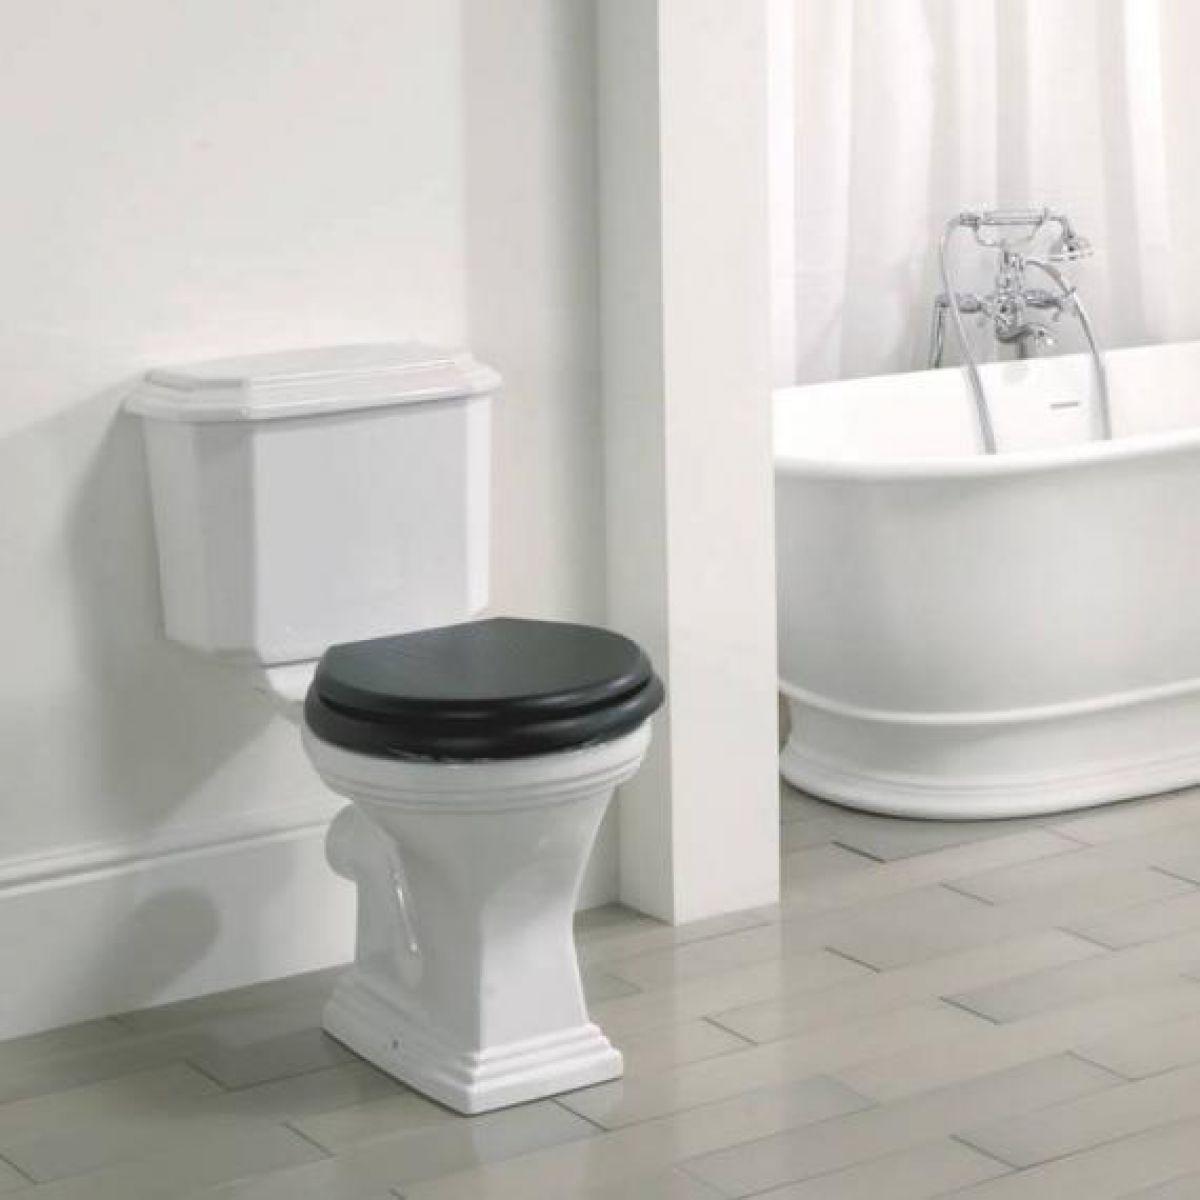 Imperial Astoria Deco Close Coupled Toilet Uk Bathrooms